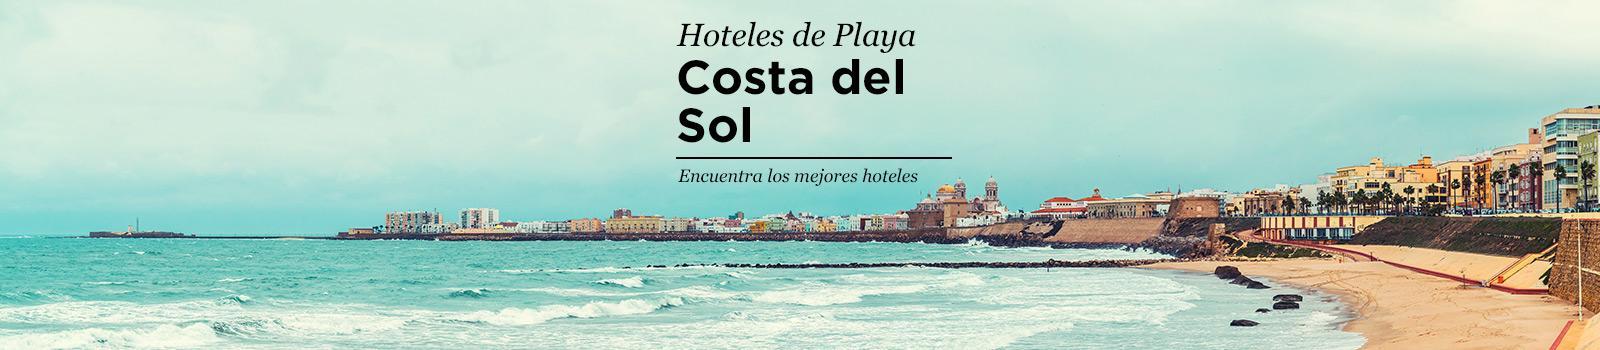 Hoteles baratos en la costa del sol ofertas viajes carrefour for Hoteles puerta del sol baratos